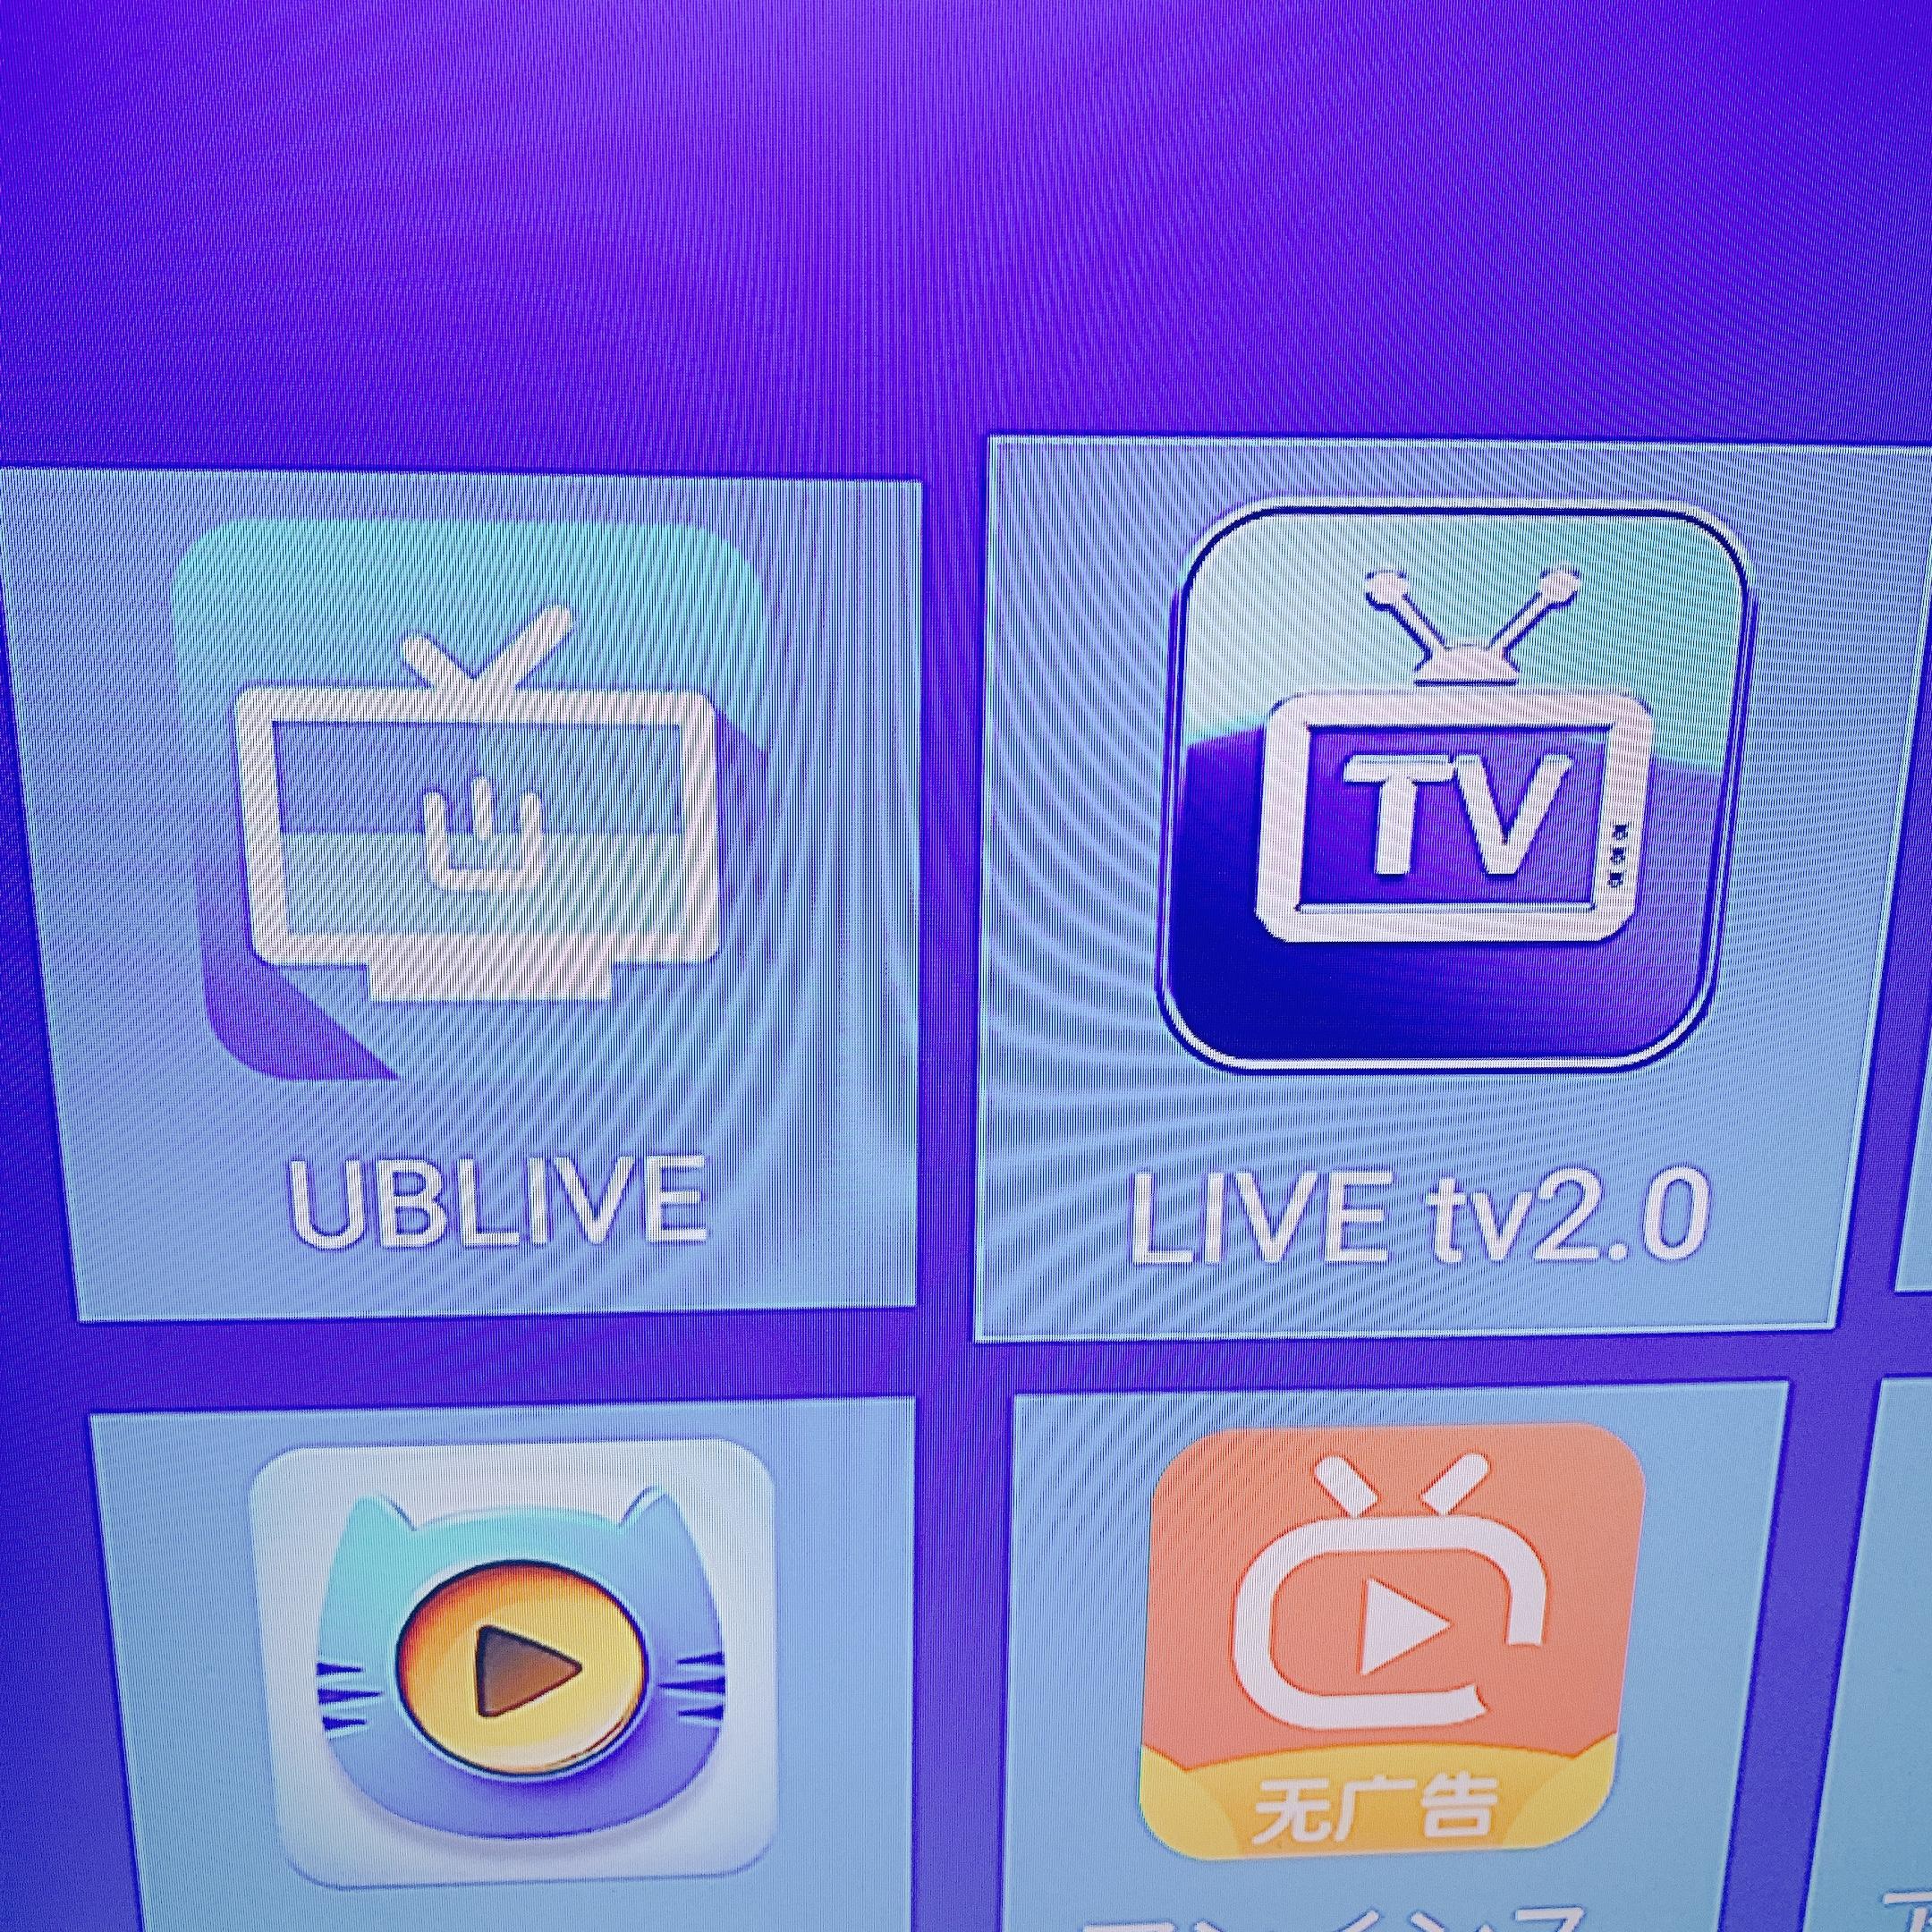 【2020年7月】UBOX PROSアップデート/LIVE tv2.0が最新